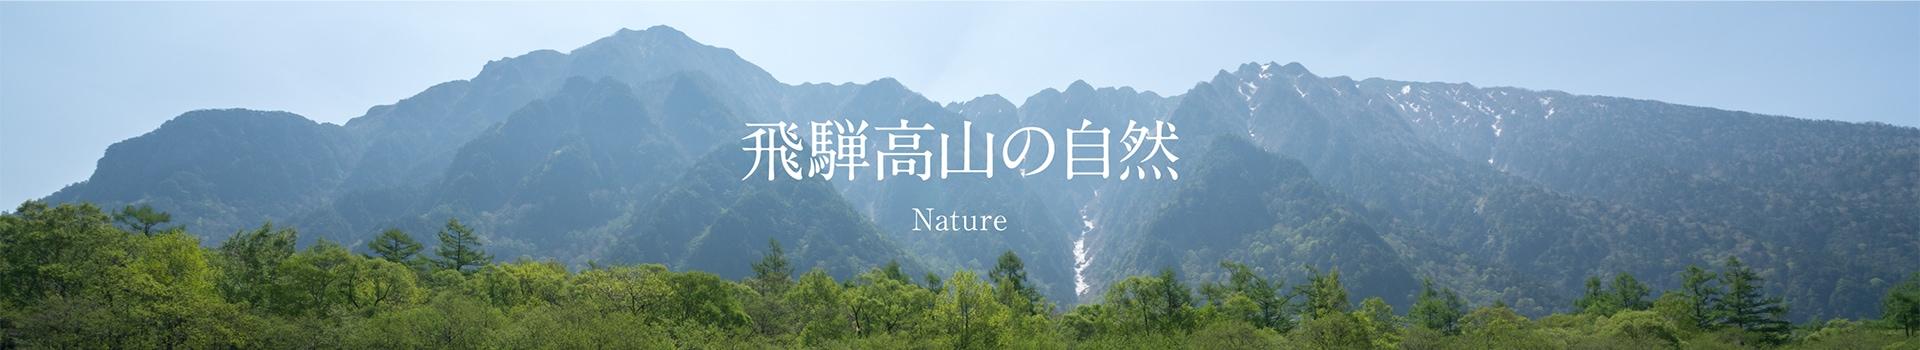 飛騨山脈の自然の恵み